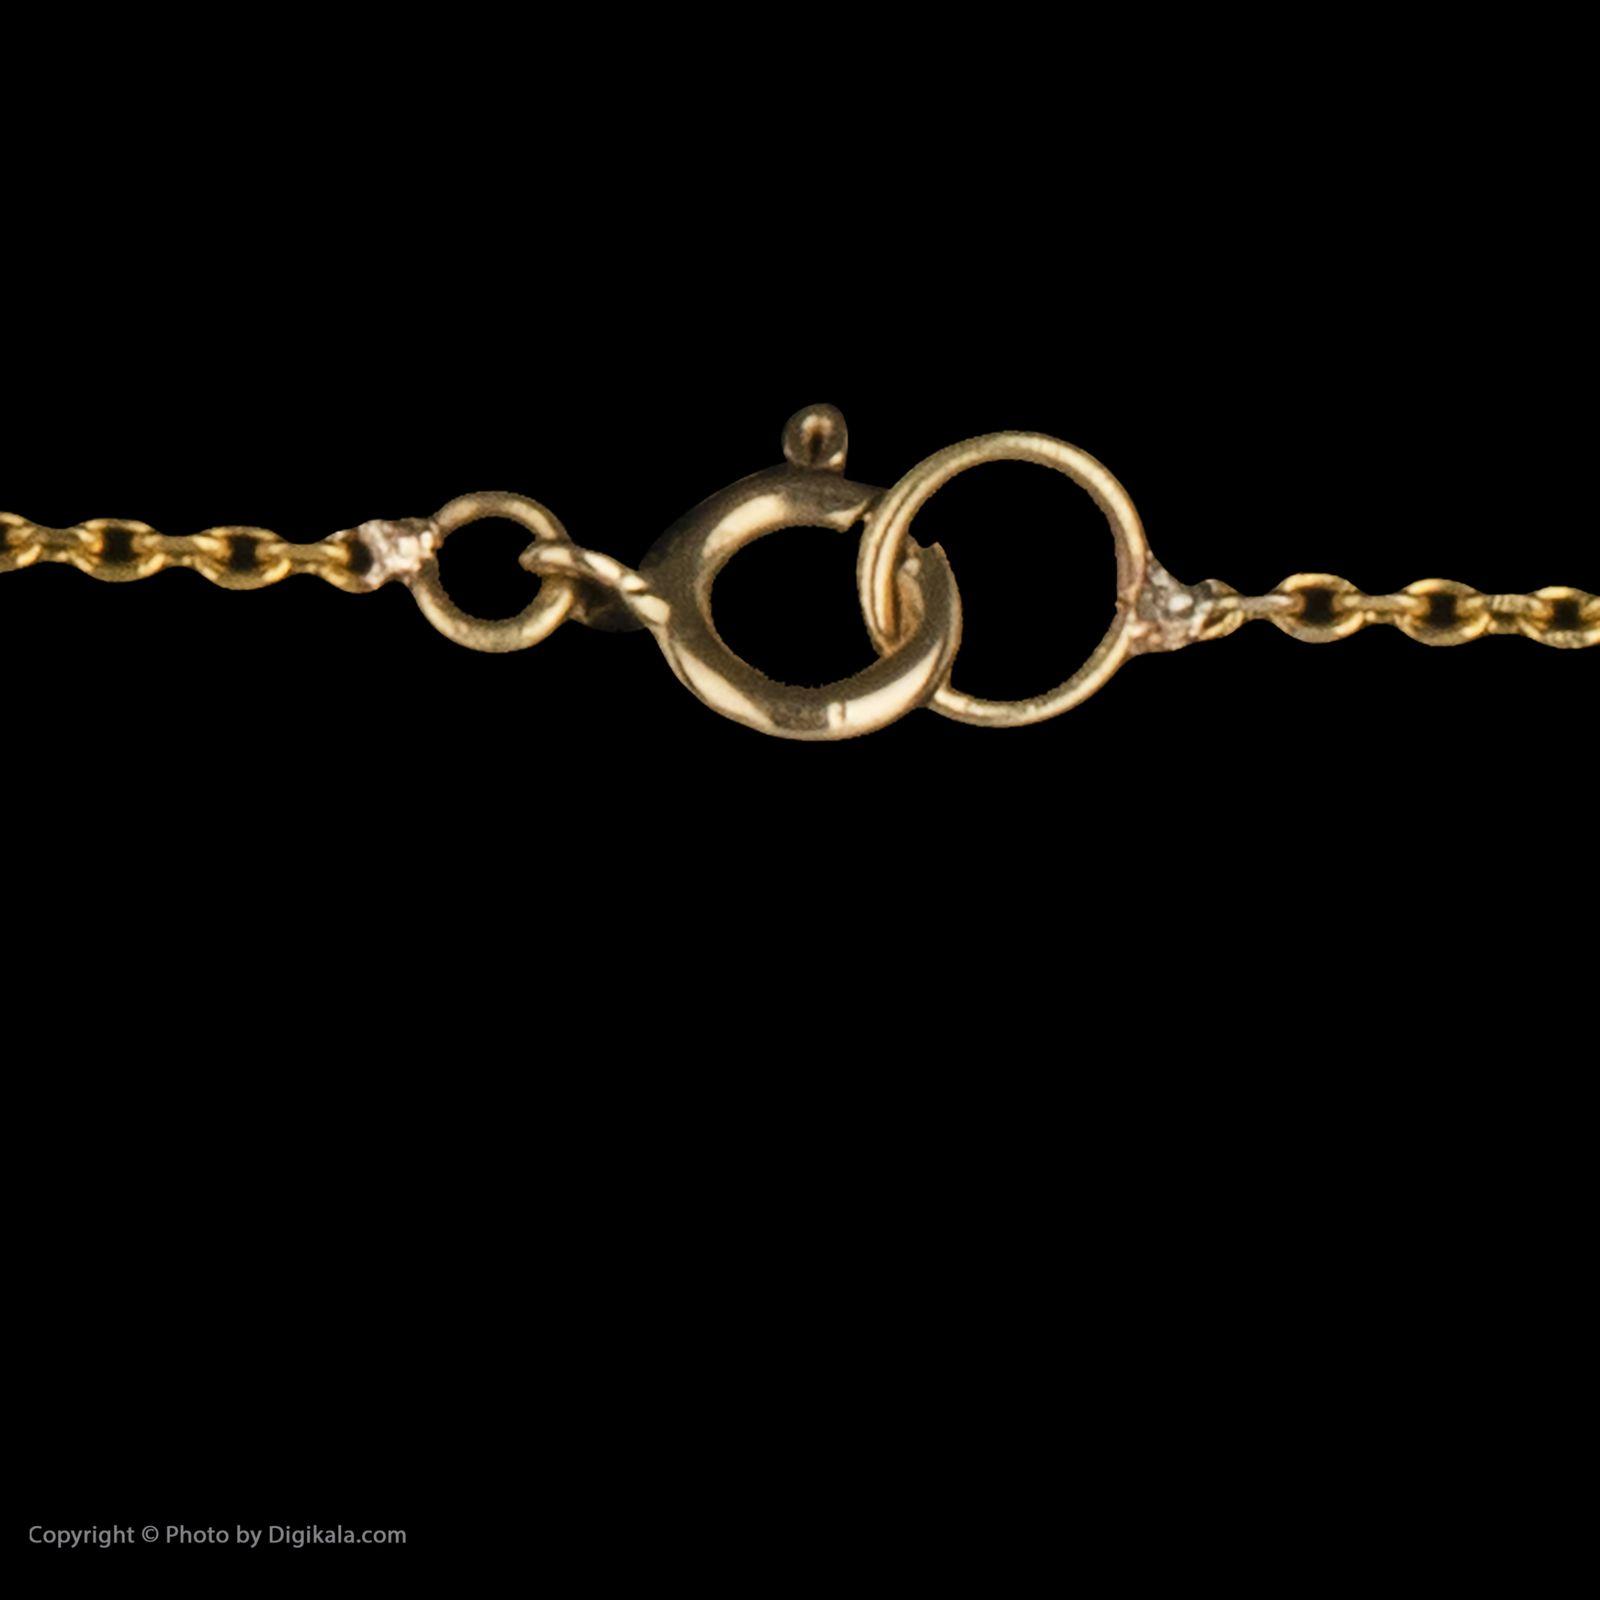 گردنبند طلا 18 عیار زنانه سیودو مدل 119559 -  - 5